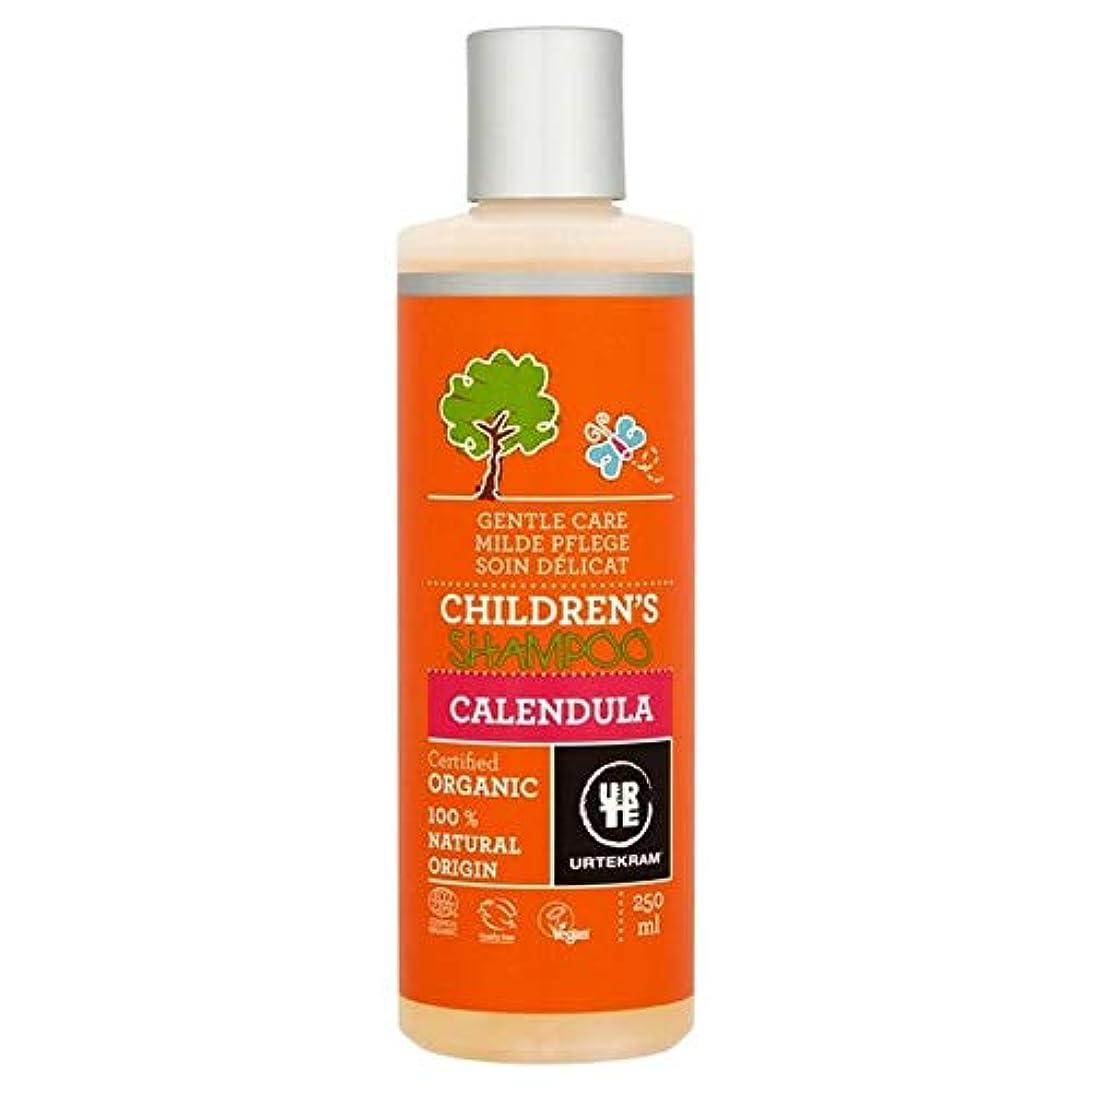 ジュニアゴム進捗[Urtekram] Urtekram子供のシャンプーキンセンカ香りなしの250ミリリットル - Urtekram Children's Shampoo Calendula No Fragrance 250ml [並行輸入品]